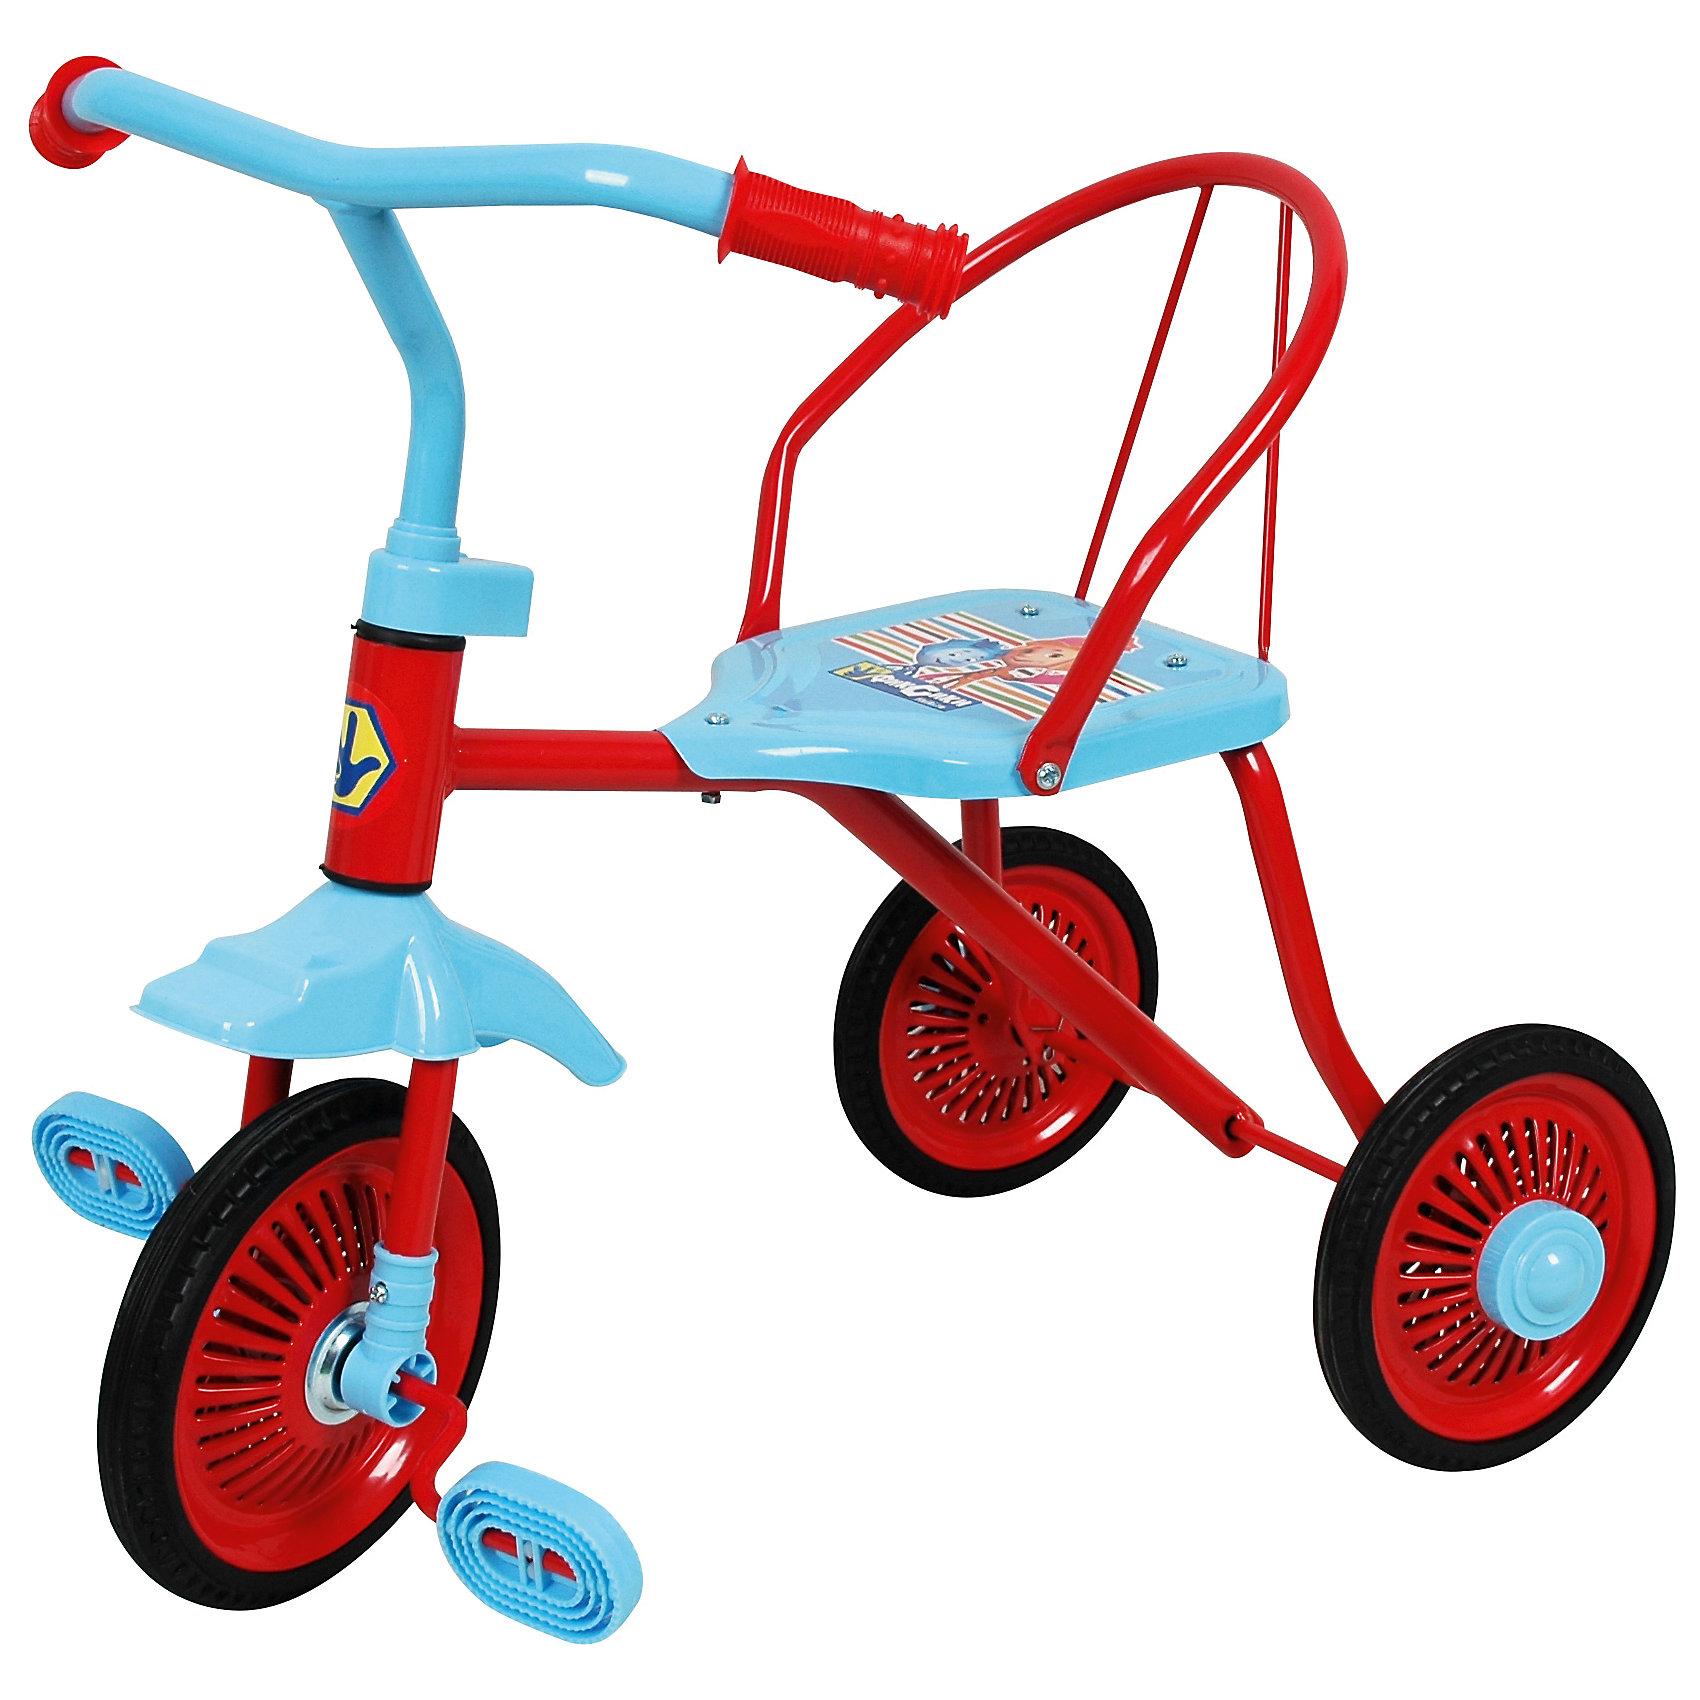 Велосипед трехколесный Фиксики, 1ToyВелосипед трехколесный Фиксики, 1Toy – это замечательный, яркий и необычный велосипед для активных малышей.<br>Трехколесный велосипед Фиксики 1Toy – это лёгкий детский велосипед для малышей, украшенный изображением персонажей популярного детского мультсериала Фиксики. Он станет отличным спутником вашего малыша на летний период и будет способствовать развитию координации движений и ловкости. С таким велосипедом прогулки на улице станут еще интереснее и веселее. Модель снабжена трехколесным шасси, что гарантирует отличную устойчивость при передвижении по твердым и неровным поверхностям. Также конструкцией велосипеда предусмотрено сиденье со спинкой.<br><br>Дополнительная информация:<br><br>- Возраст: от 1,5 лет<br>- Максимальный вес ребенка: 20 кг.<br>- Для детей ростом от 80-85 см.<br>- Размер: 55х58х62 см.<br>- Высота руля: 62 см.<br>- Высота сиденья: 30 см.<br>- Высота спинки: 20 см.<br>- Облегчённая металлическая рама<br>- Диаметр колес: переднее 9 дюймов, задние 8 дюймов<br>- Материал: металл, пластик<br>- Размеры упаковки: 80,5 x 17 x 36,5 см.<br>- Вес: 3 кг.<br><br>Велосипед трехколесный Фиксики, 1Toy можно купить в нашем интернет-магазине.<br><br>Ширина мм: 805<br>Глубина мм: 170<br>Высота мм: 365<br>Вес г: 3167<br>Возраст от месяцев: 180<br>Возраст до месяцев: 72<br>Пол: Унисекс<br>Возраст: Детский<br>SKU: 4655131